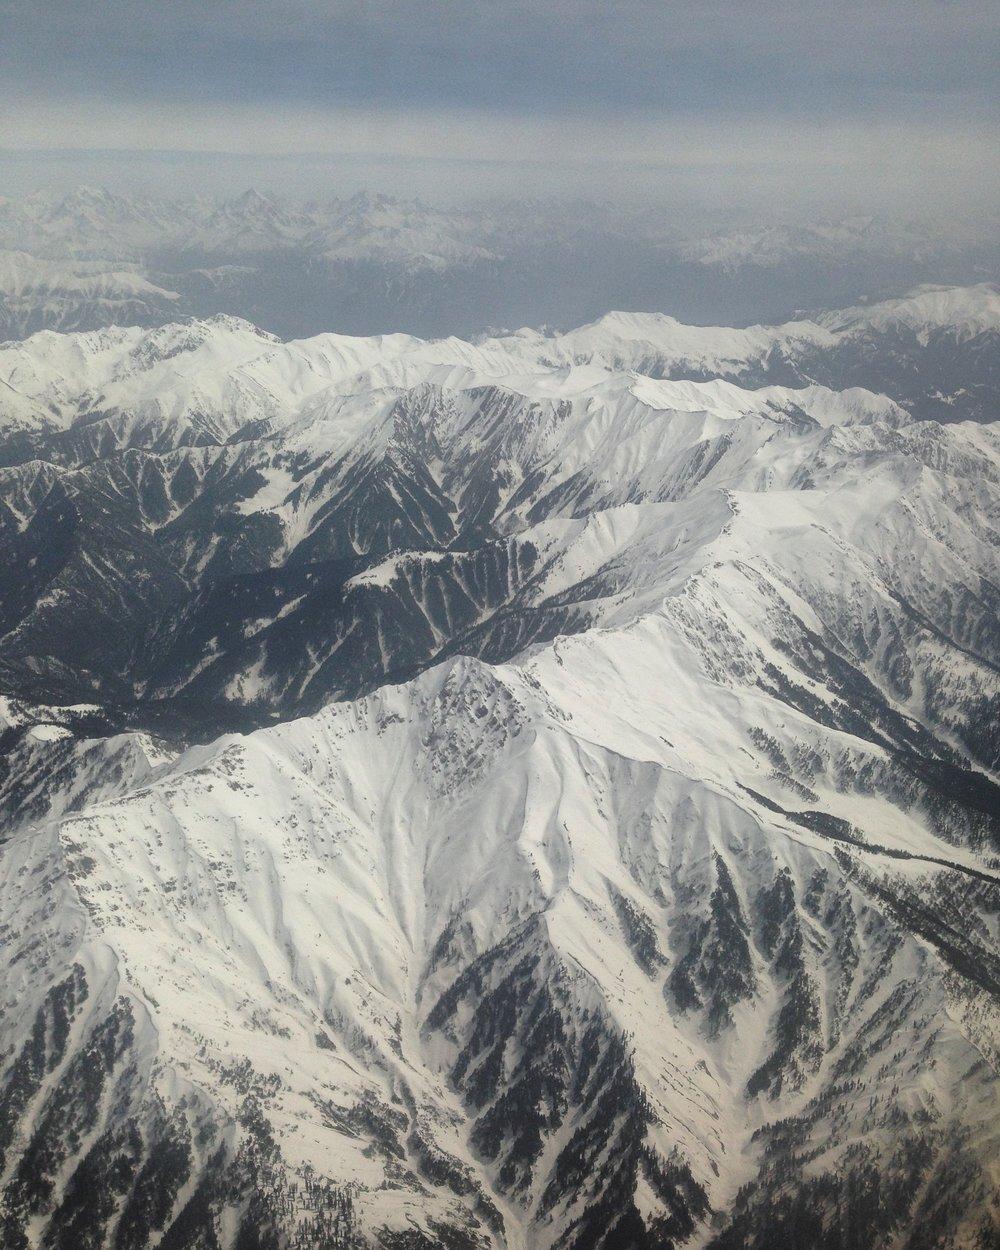 Himalayas, Kashmir